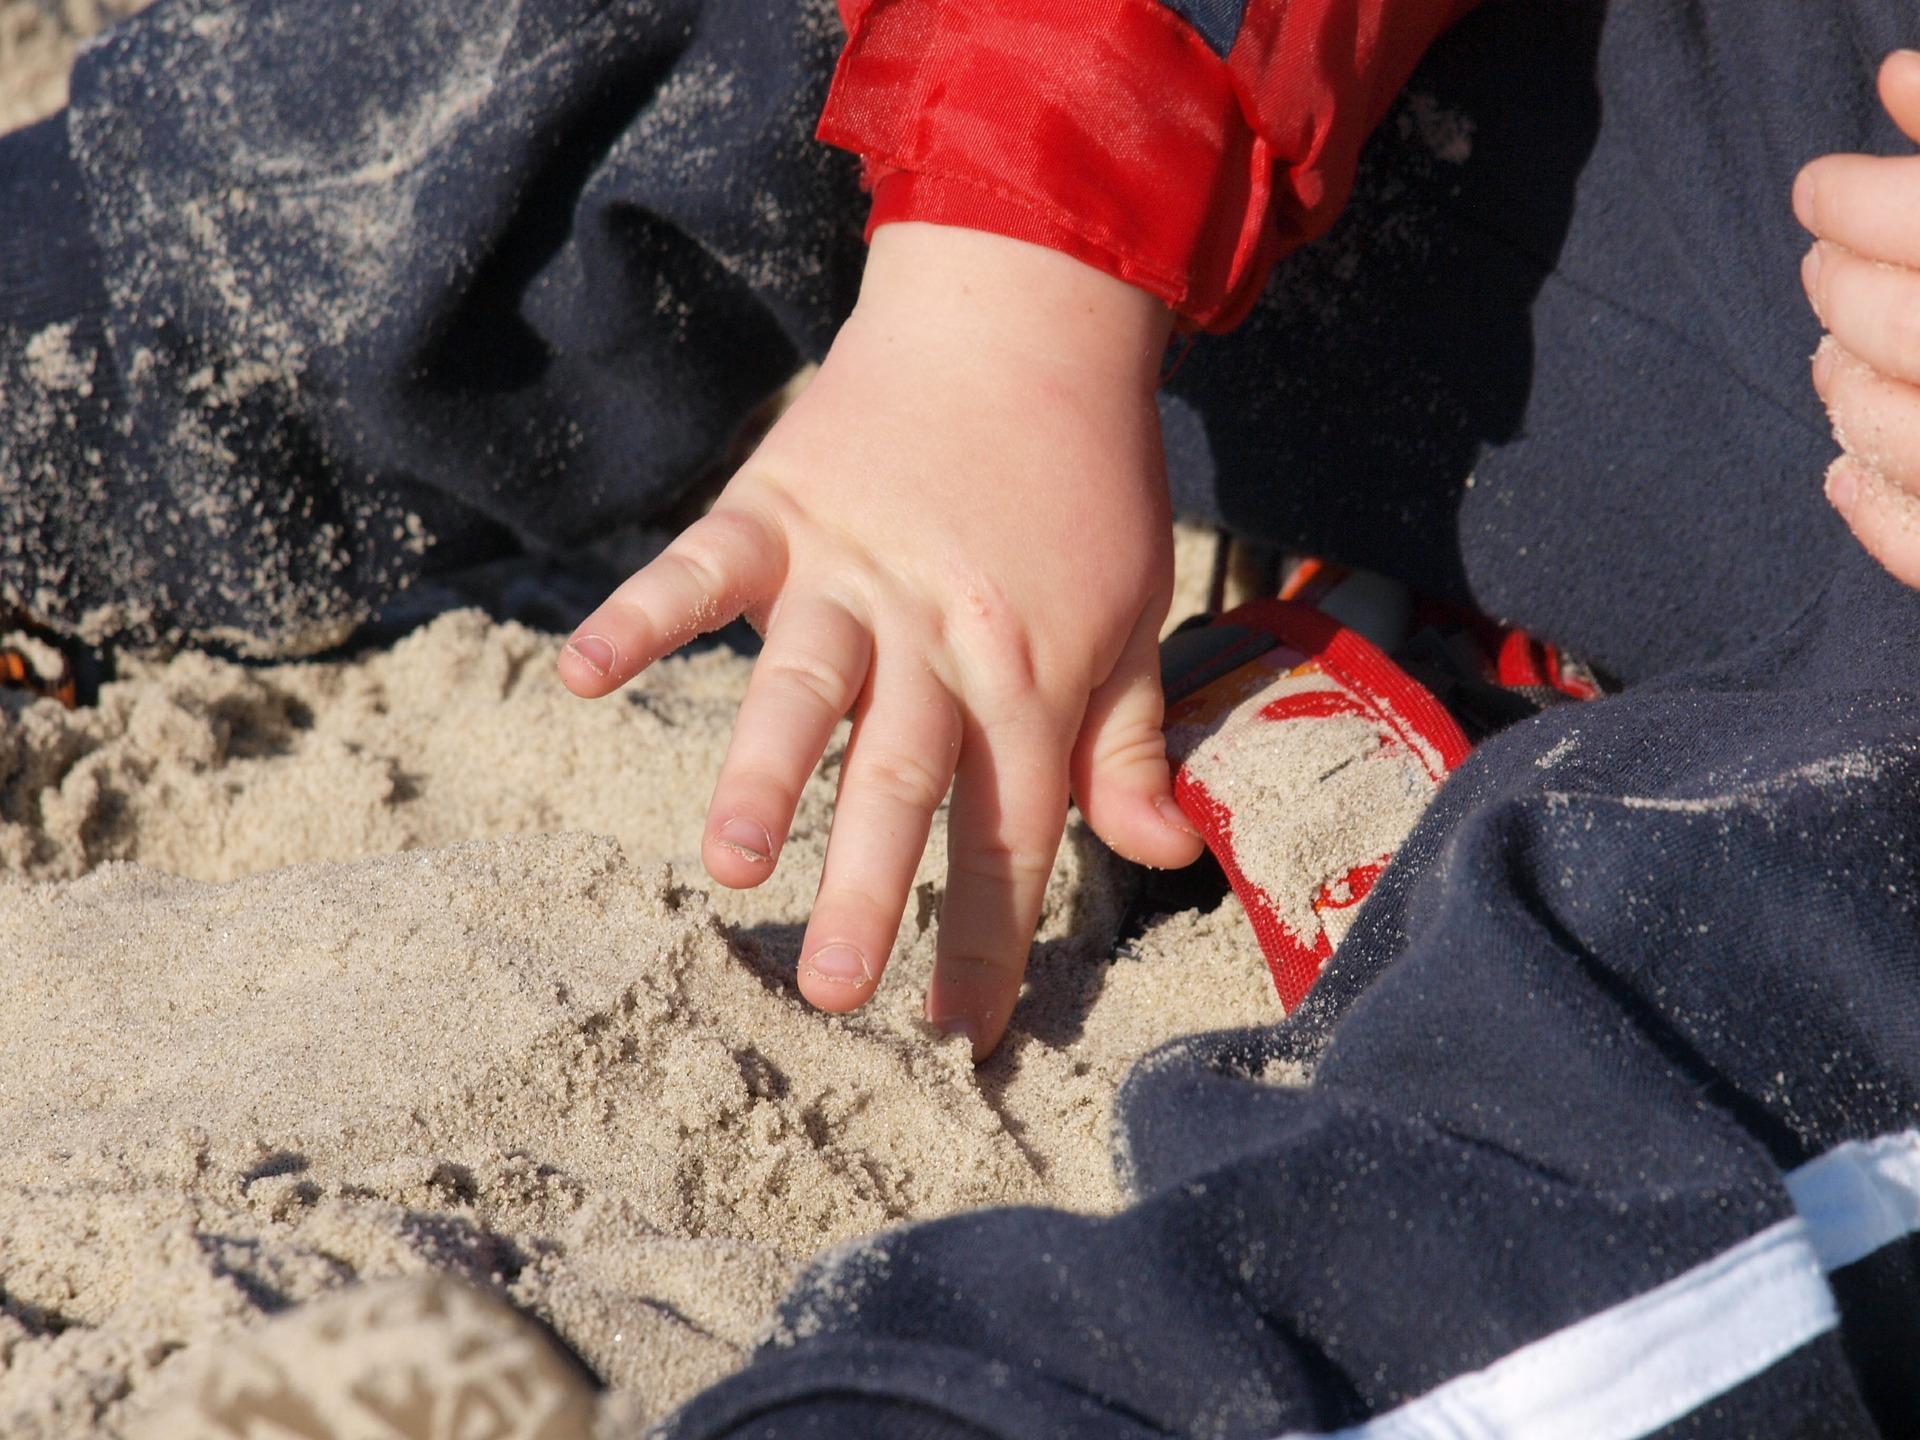 Welcher Sand kommt in den Sandkasten?